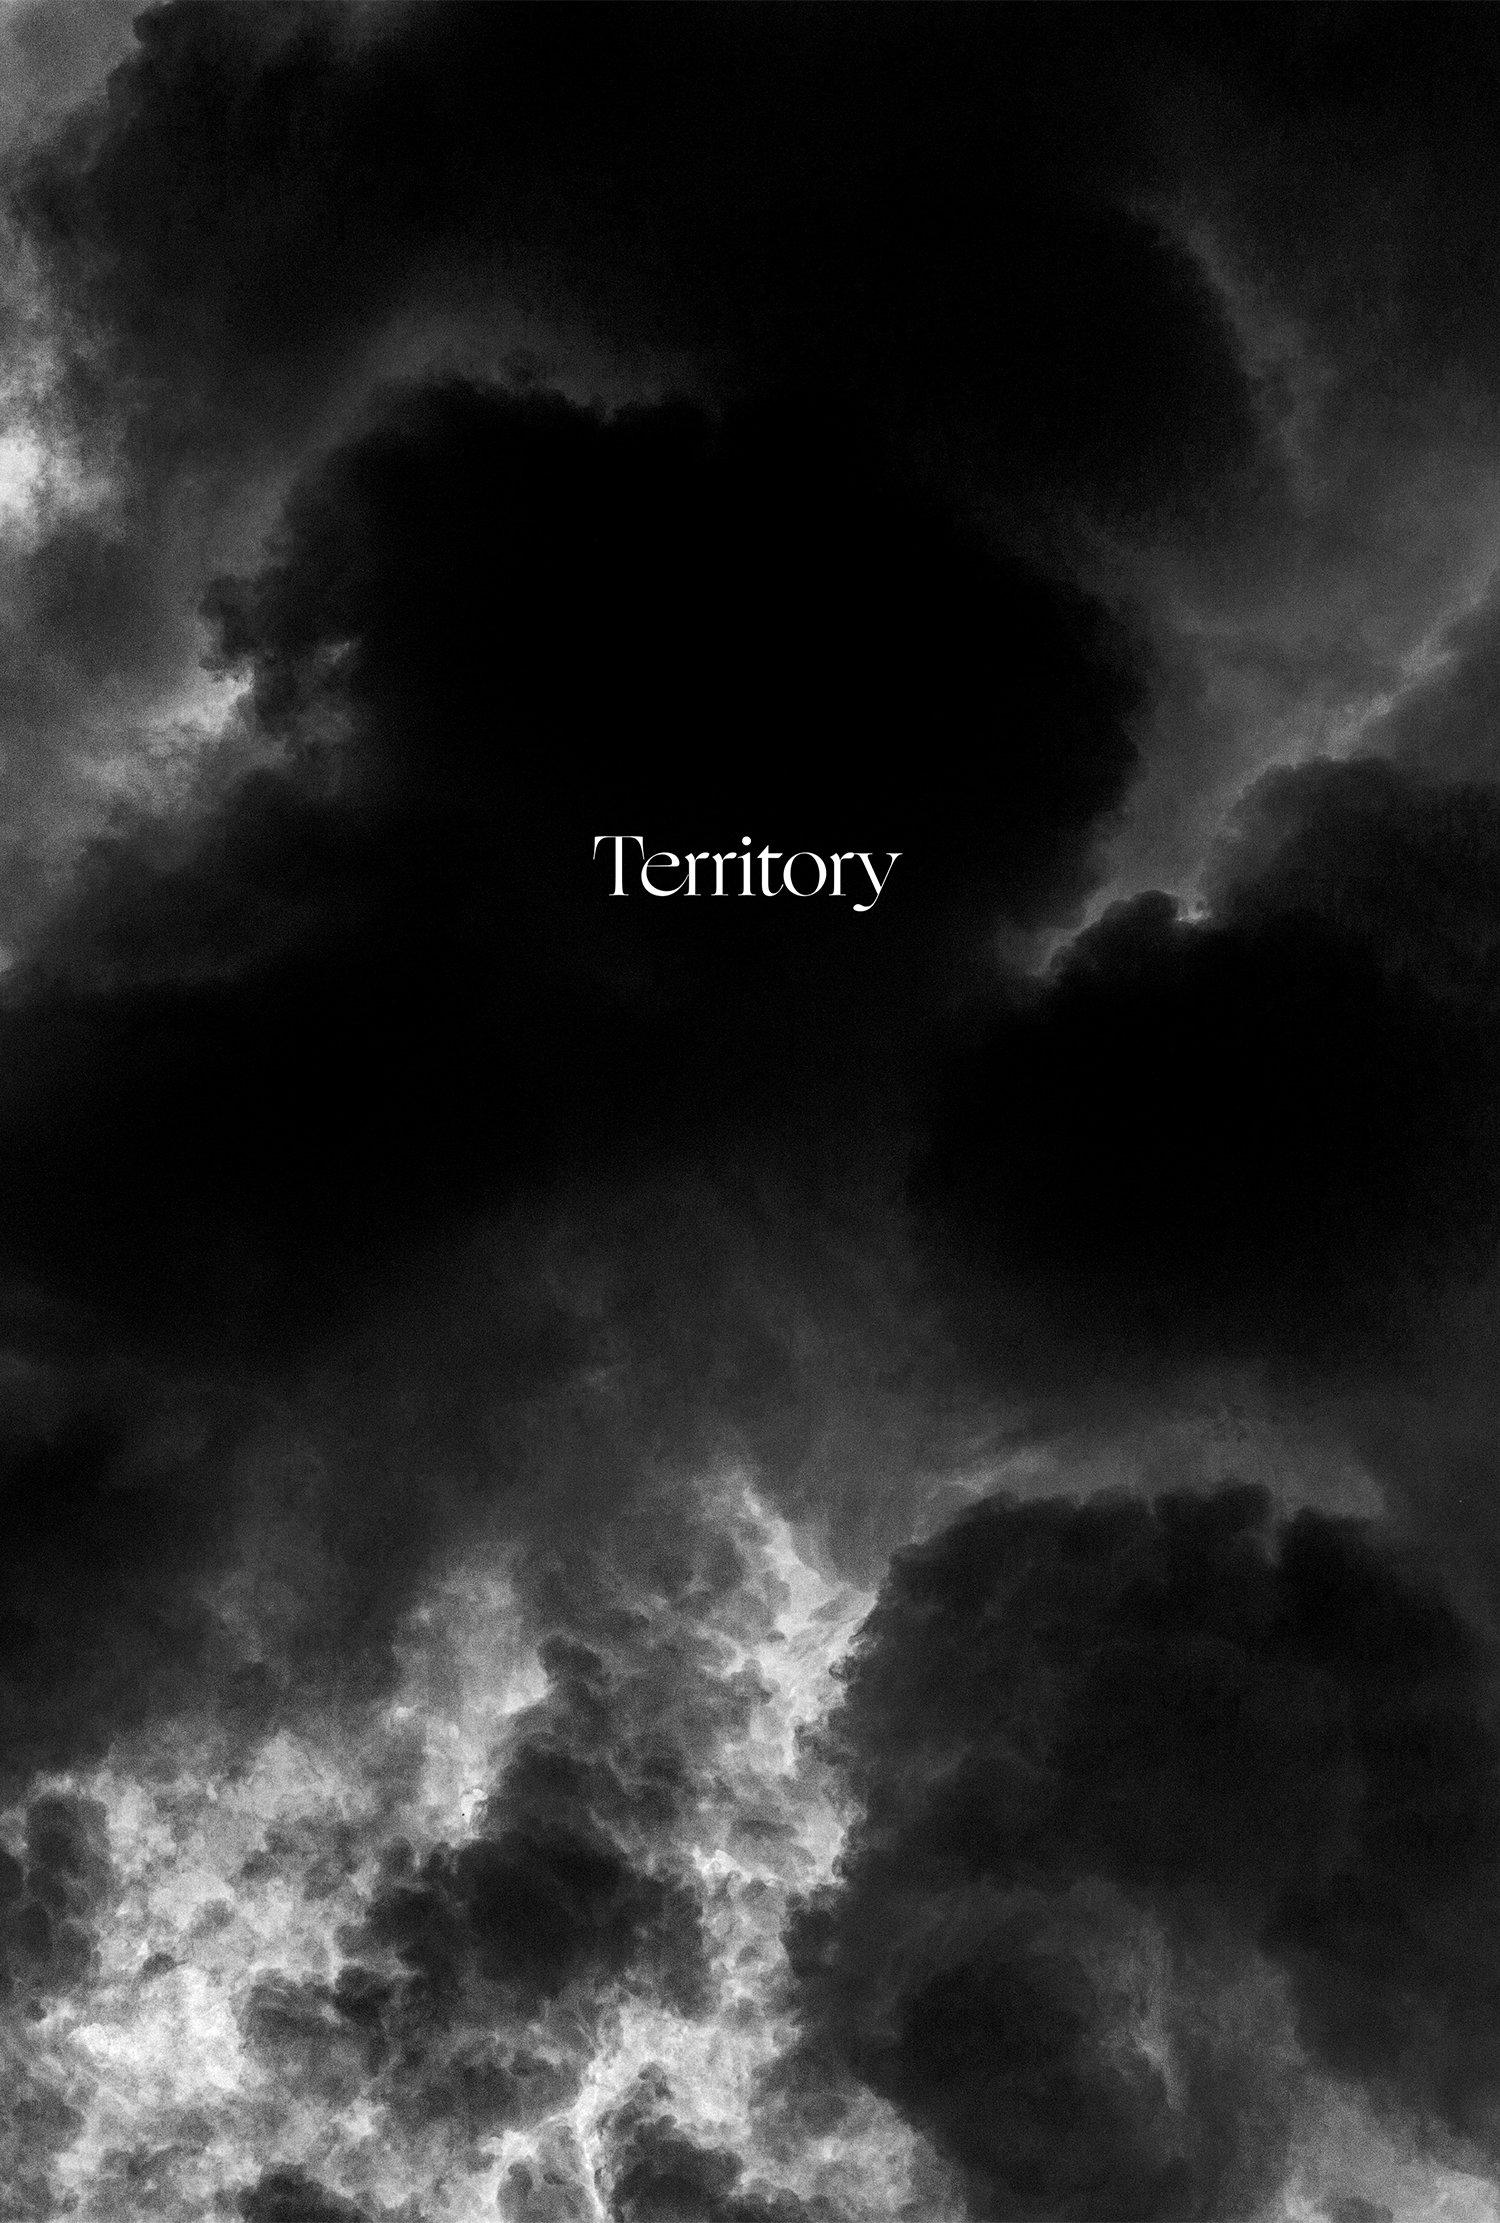 TERRITORY - Rafael Yaghobzadeh